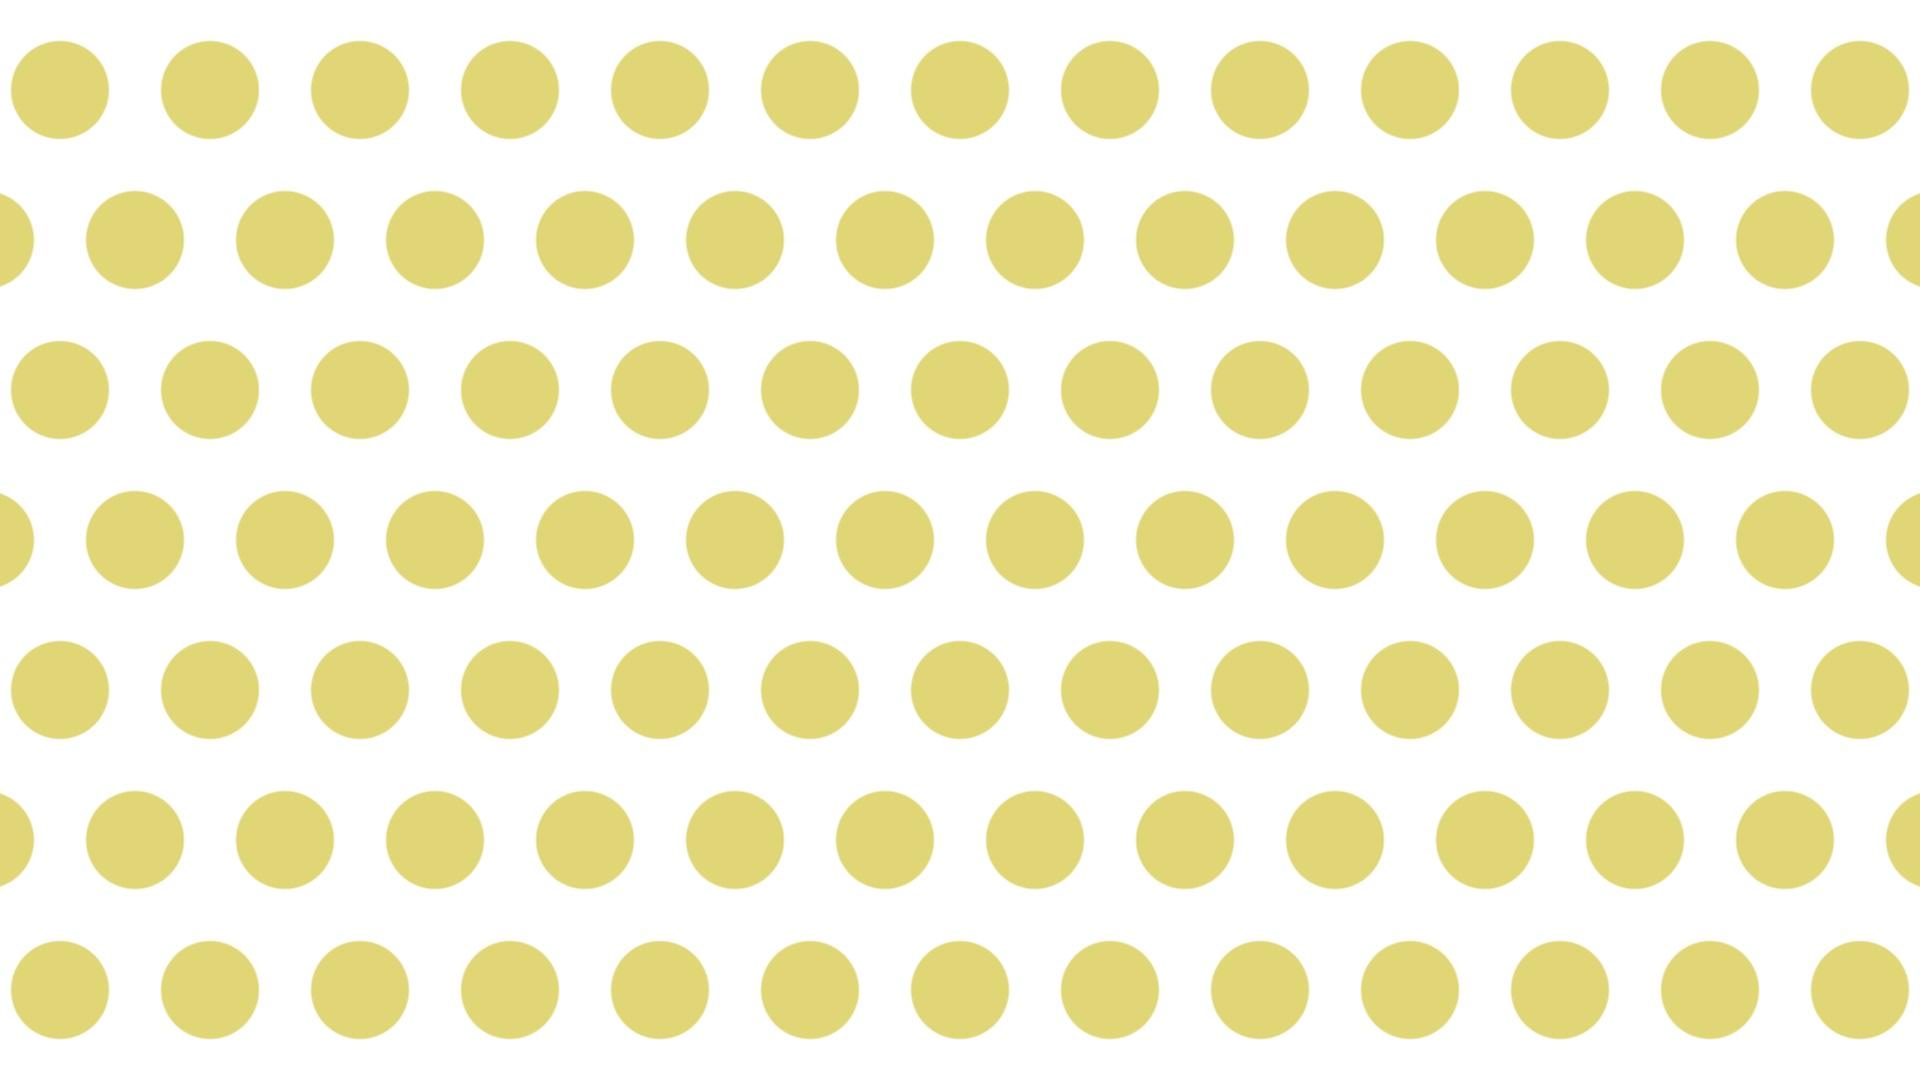 大きい黄色ドット背景。1920×1080